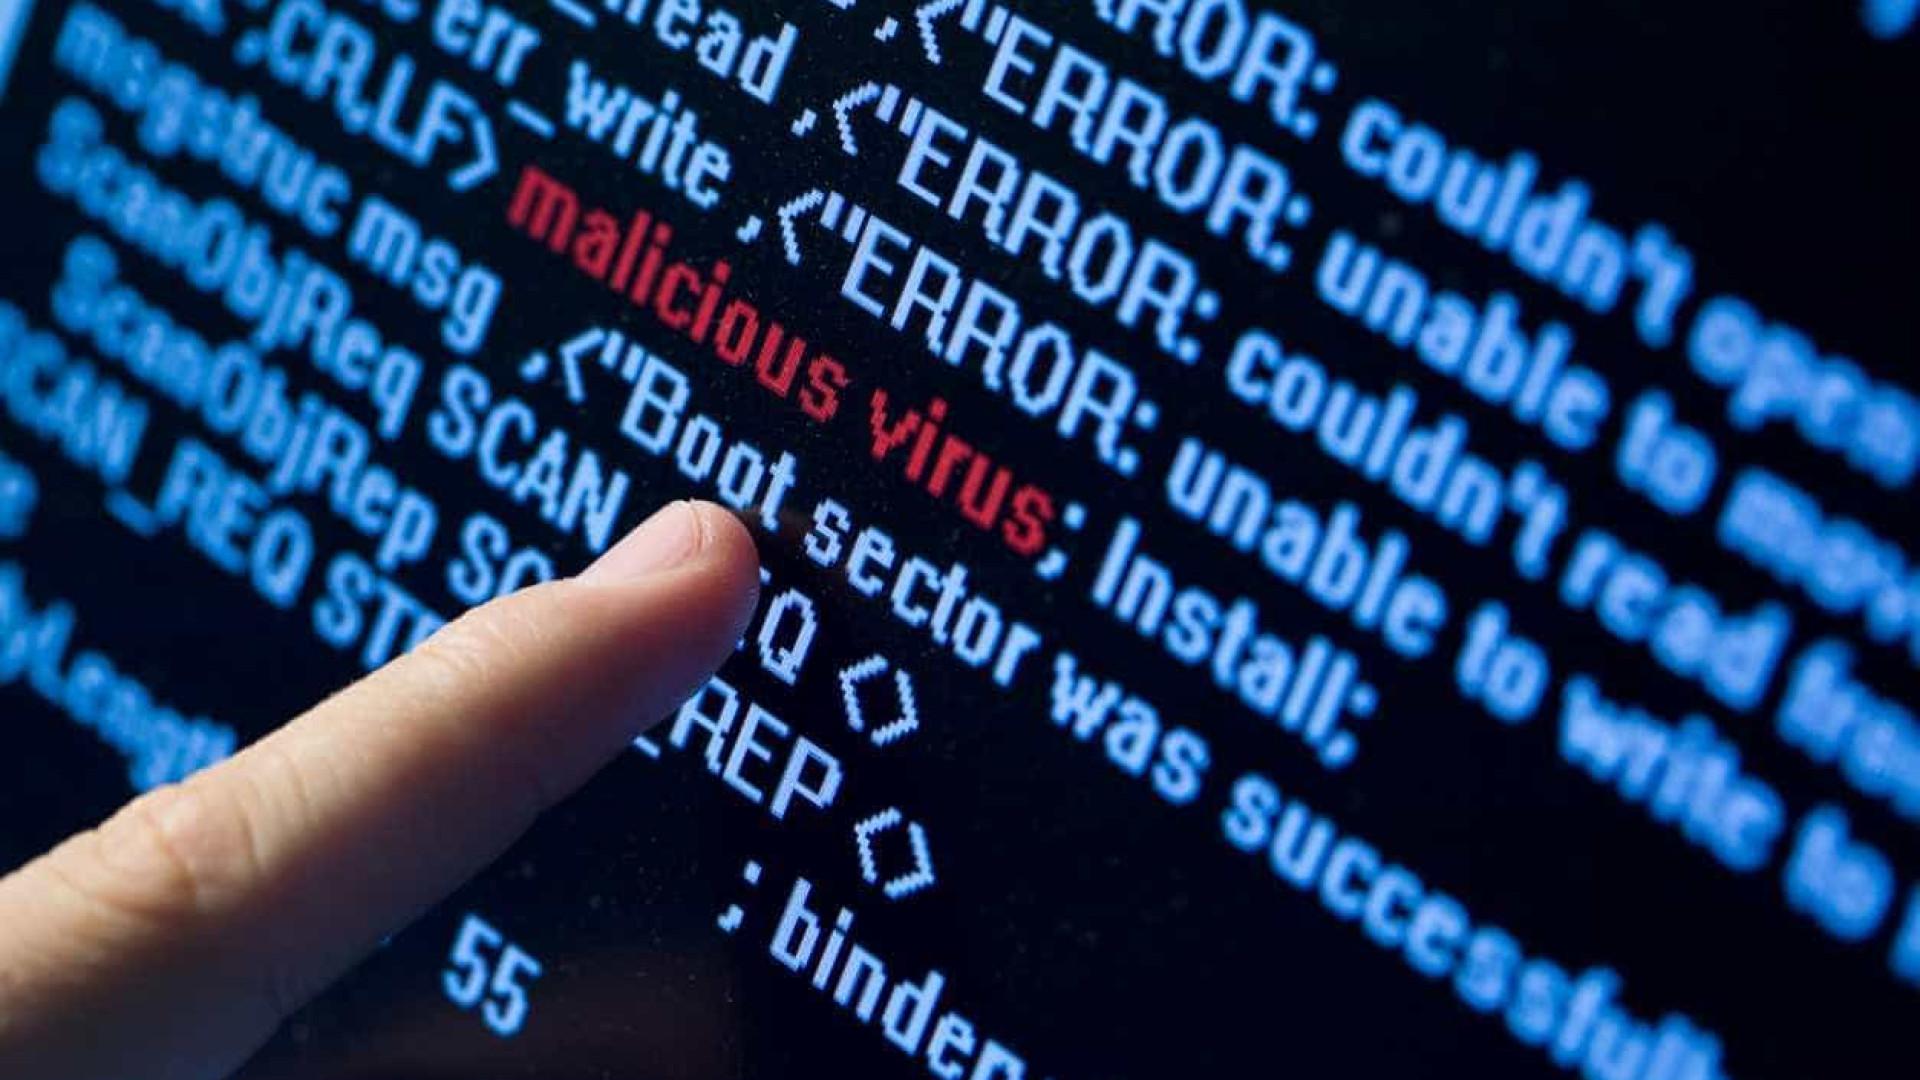 Estudantes criam jogo que alerta para a cibersegurança